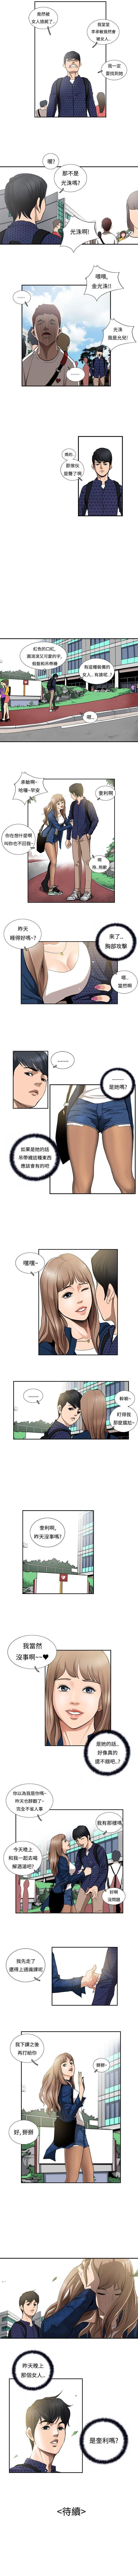 戀愛大排檔 1-16 14